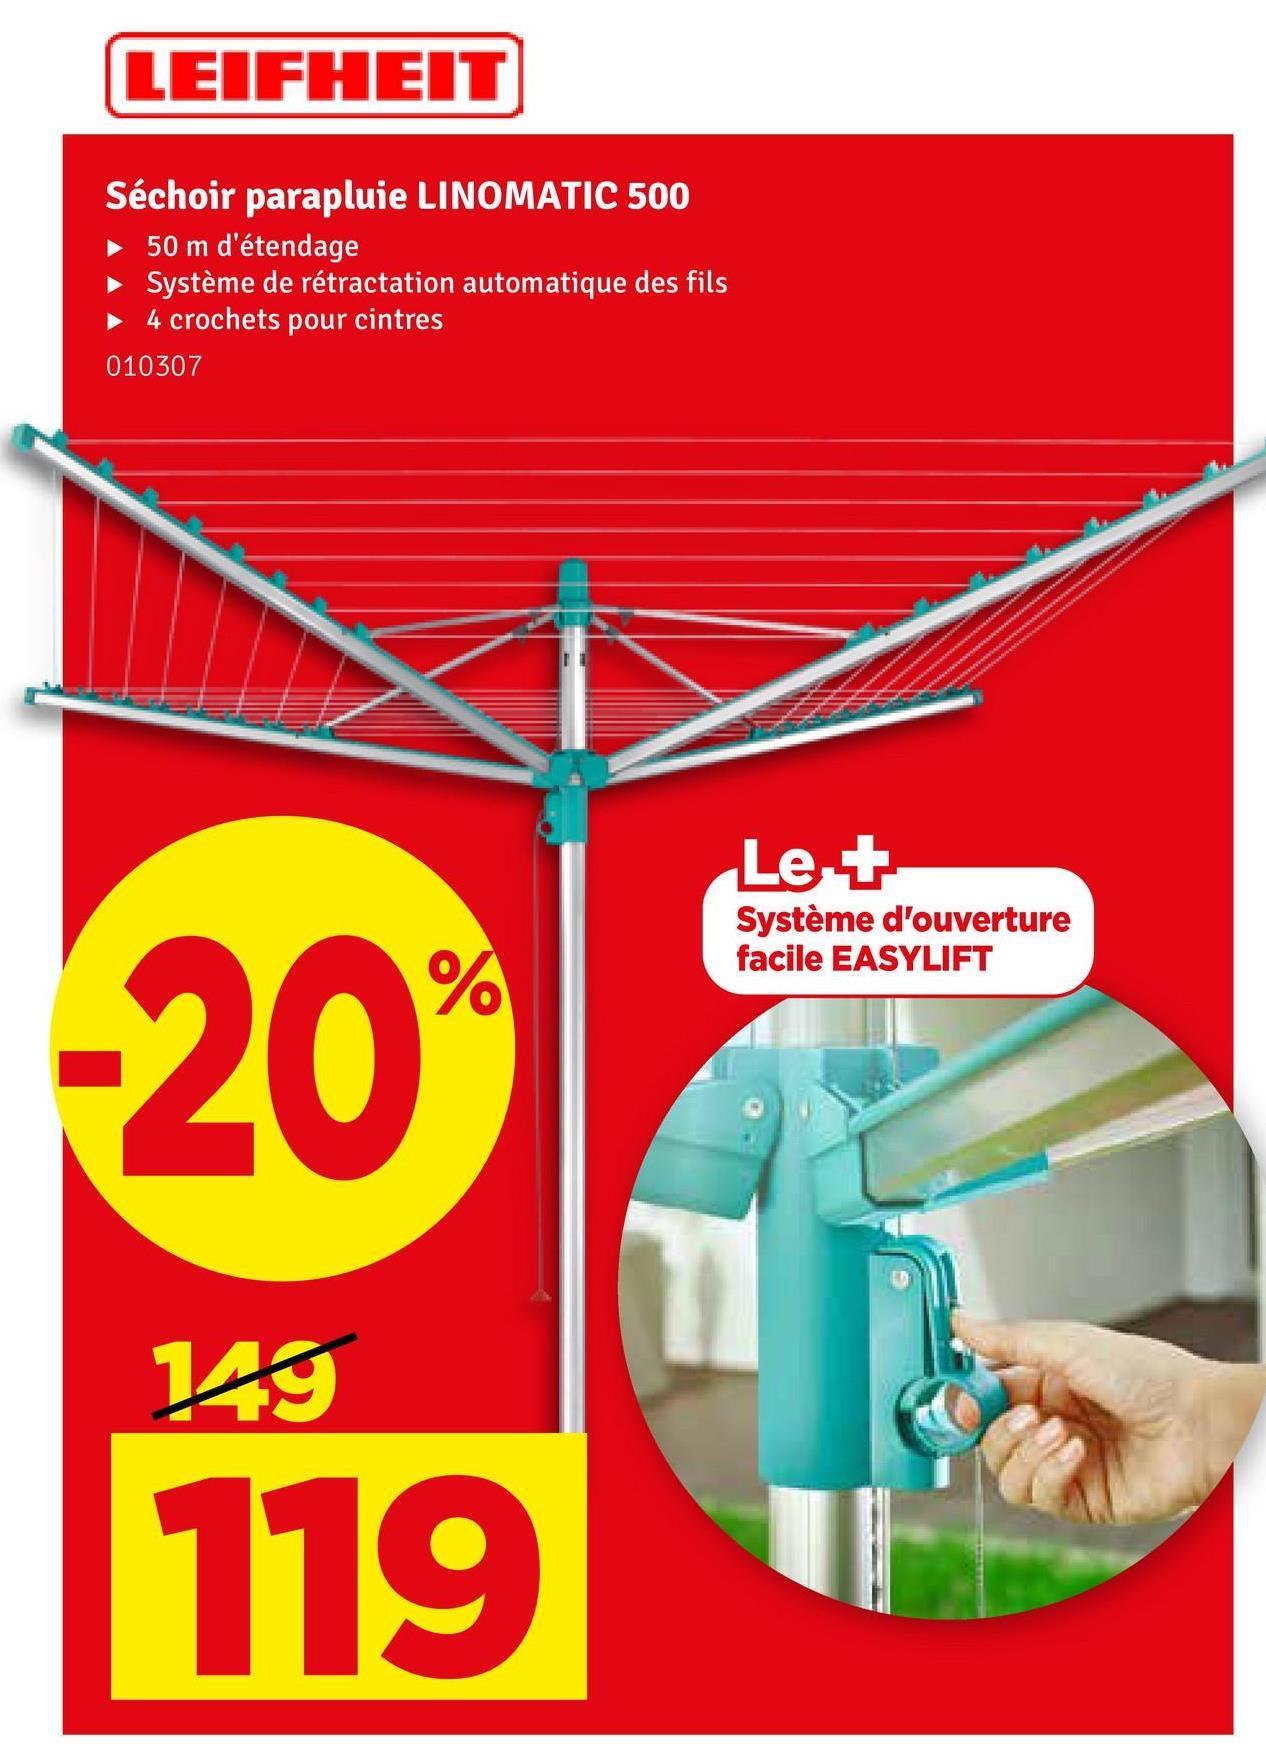 LEIFHEIT Séchoir parapluie LINOMATIC 500 50 m d'étendage Système de rétractation automatique des fils 4 crochets pour cintres 010307 Le + Système d'ouverture facile EASYLIFT -20% 29 119